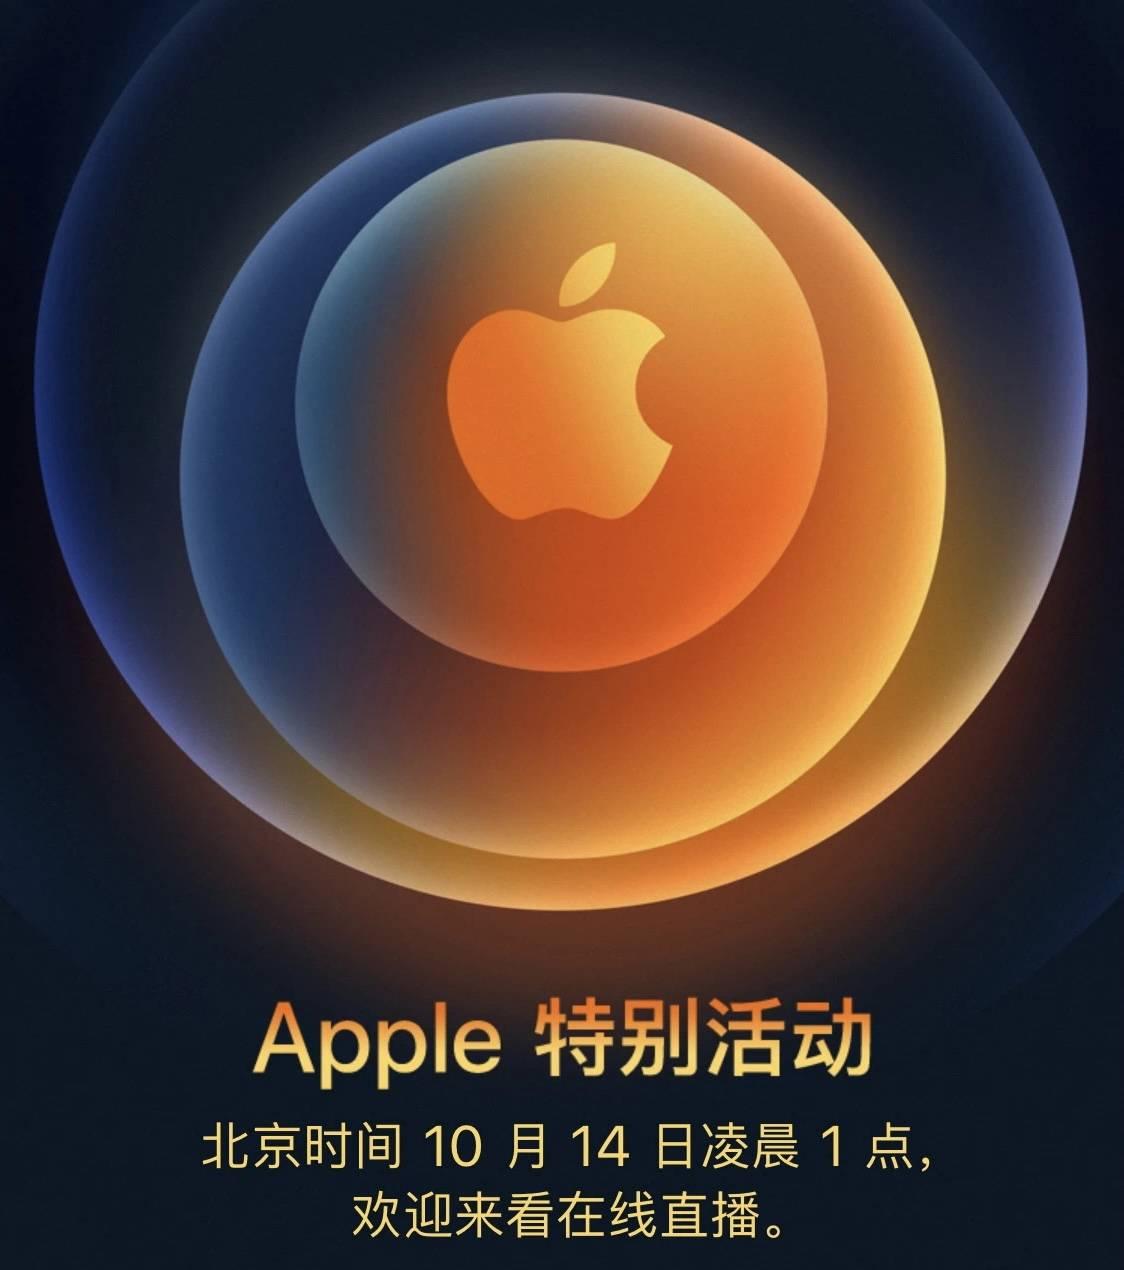 邀请函来了!苹果宣布iPhone12发布时间 价格预计4000起